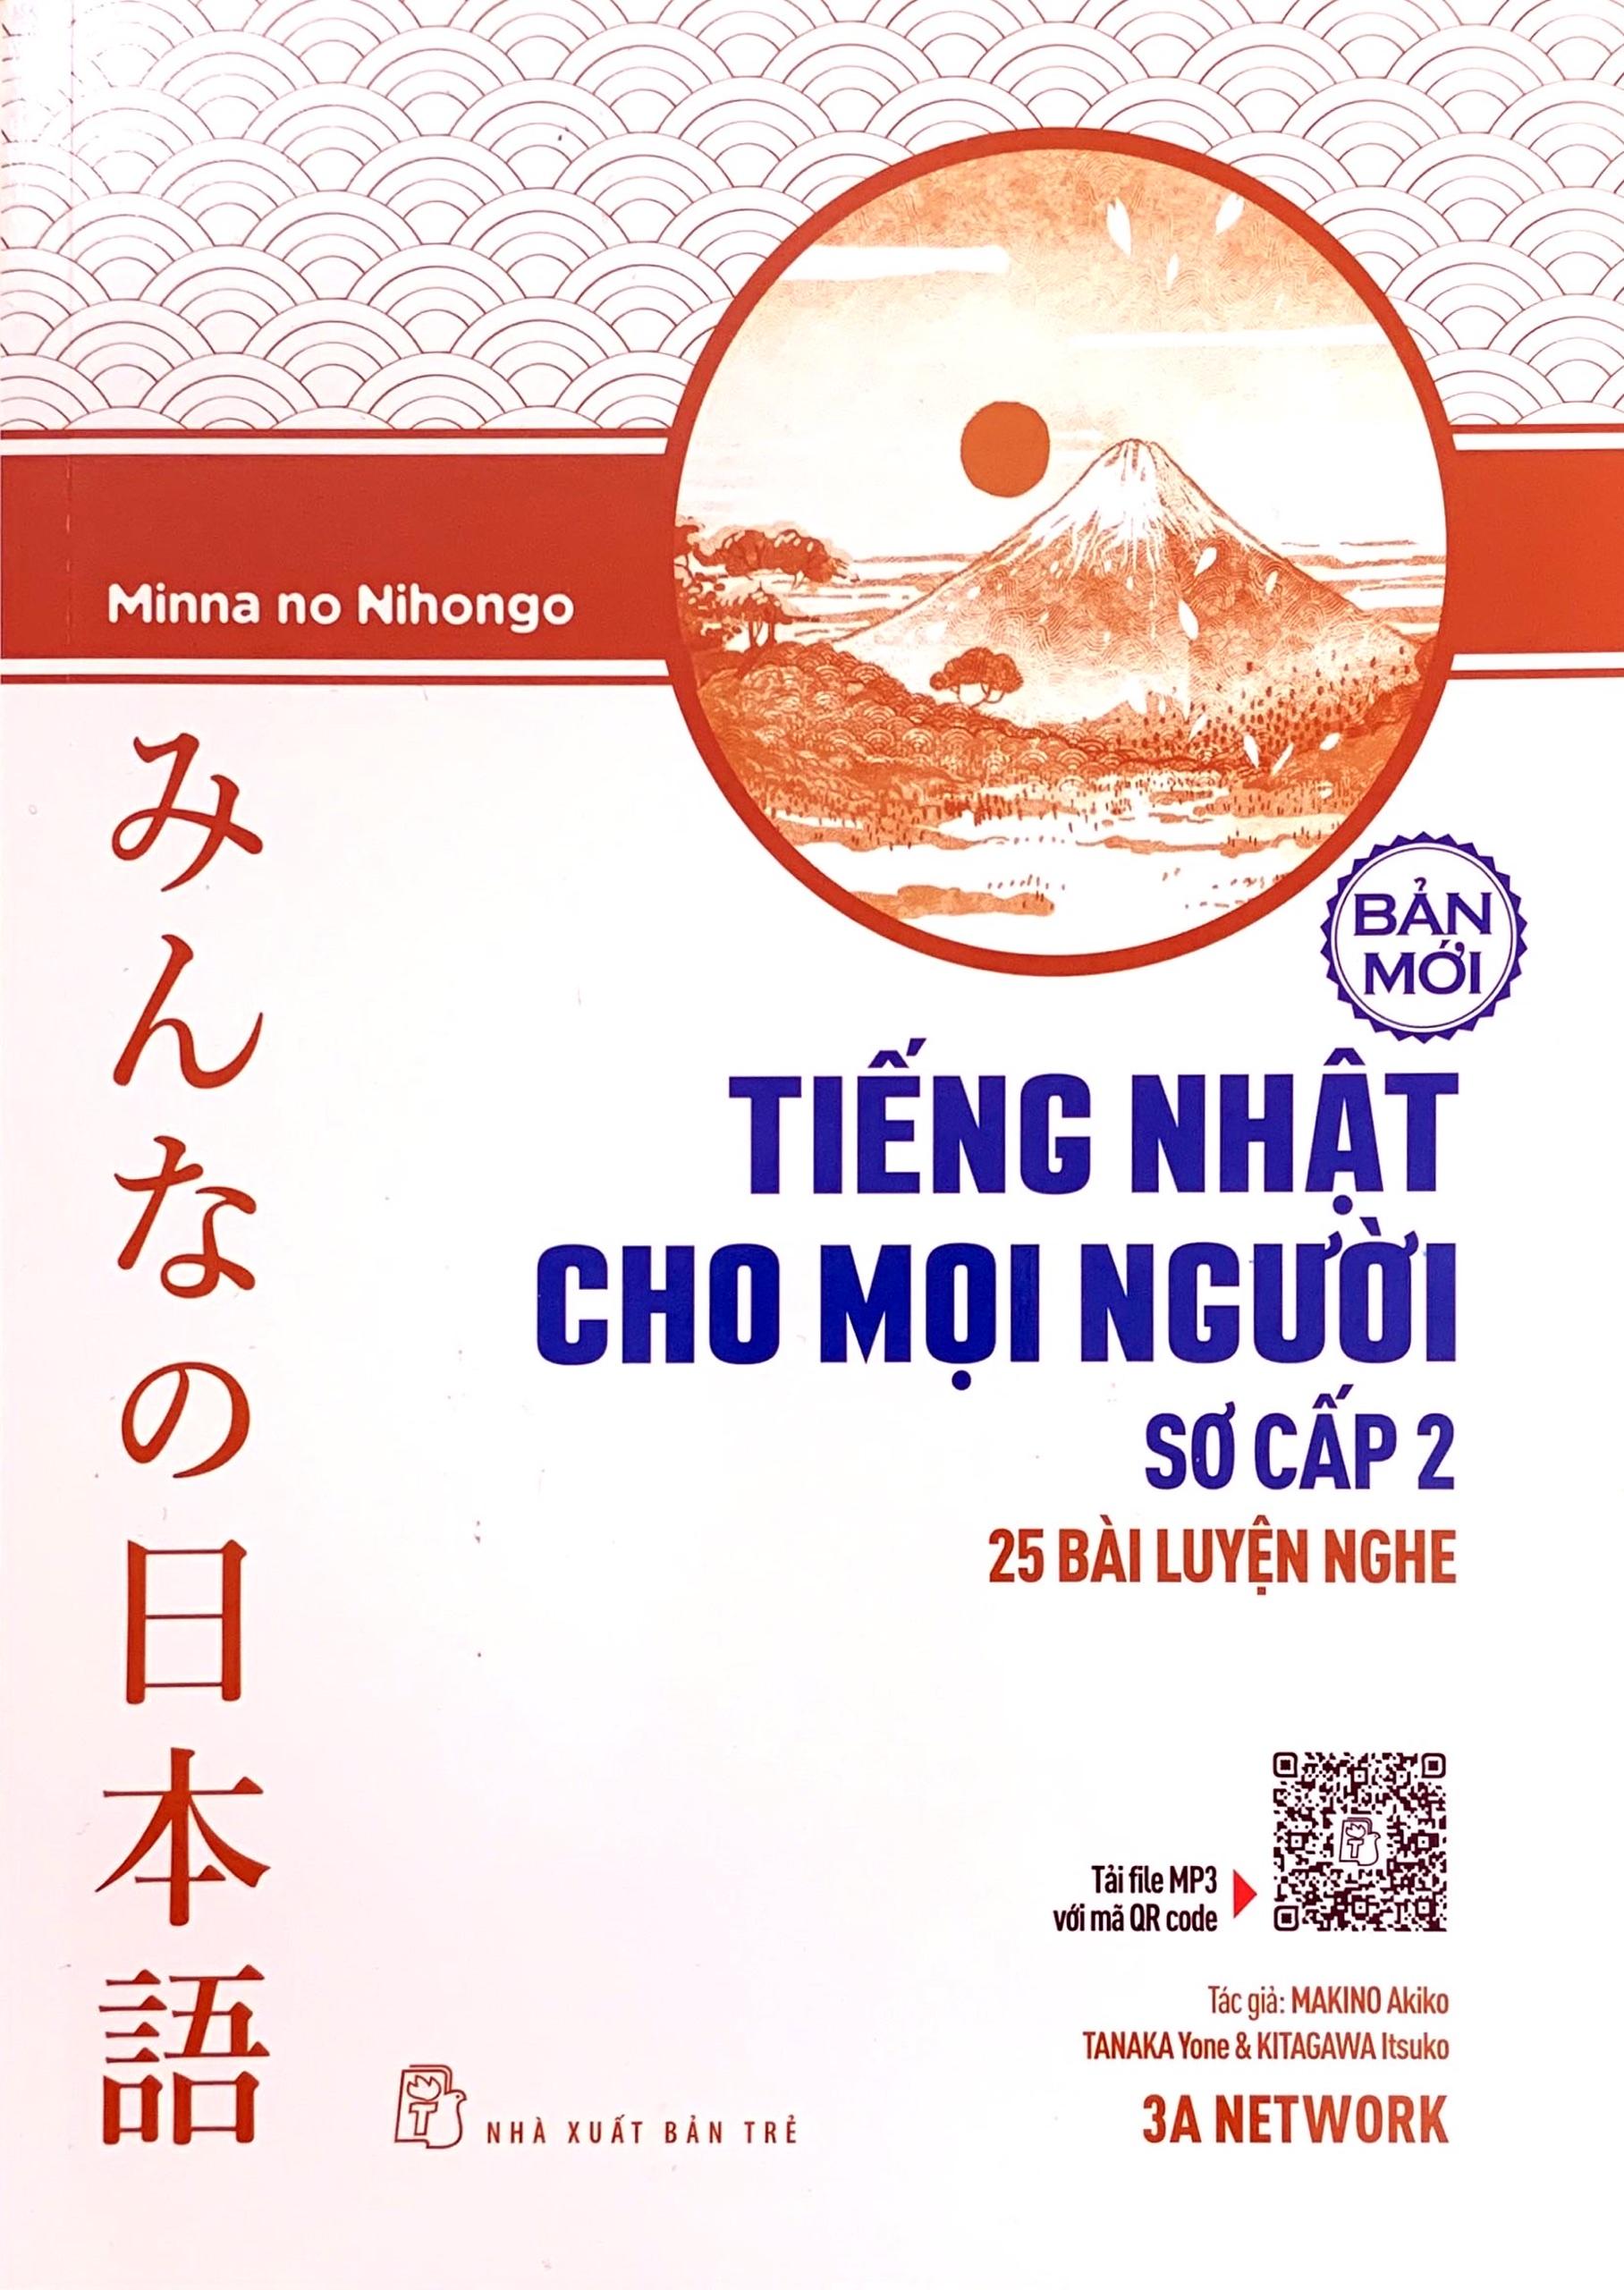 Lifestyle designMinna Sơ Cấp 2 Mới – Tiếng Nhật Cho Mọi Người – 25 Bài Nghe Hiểu (Có Tiếng Việt)